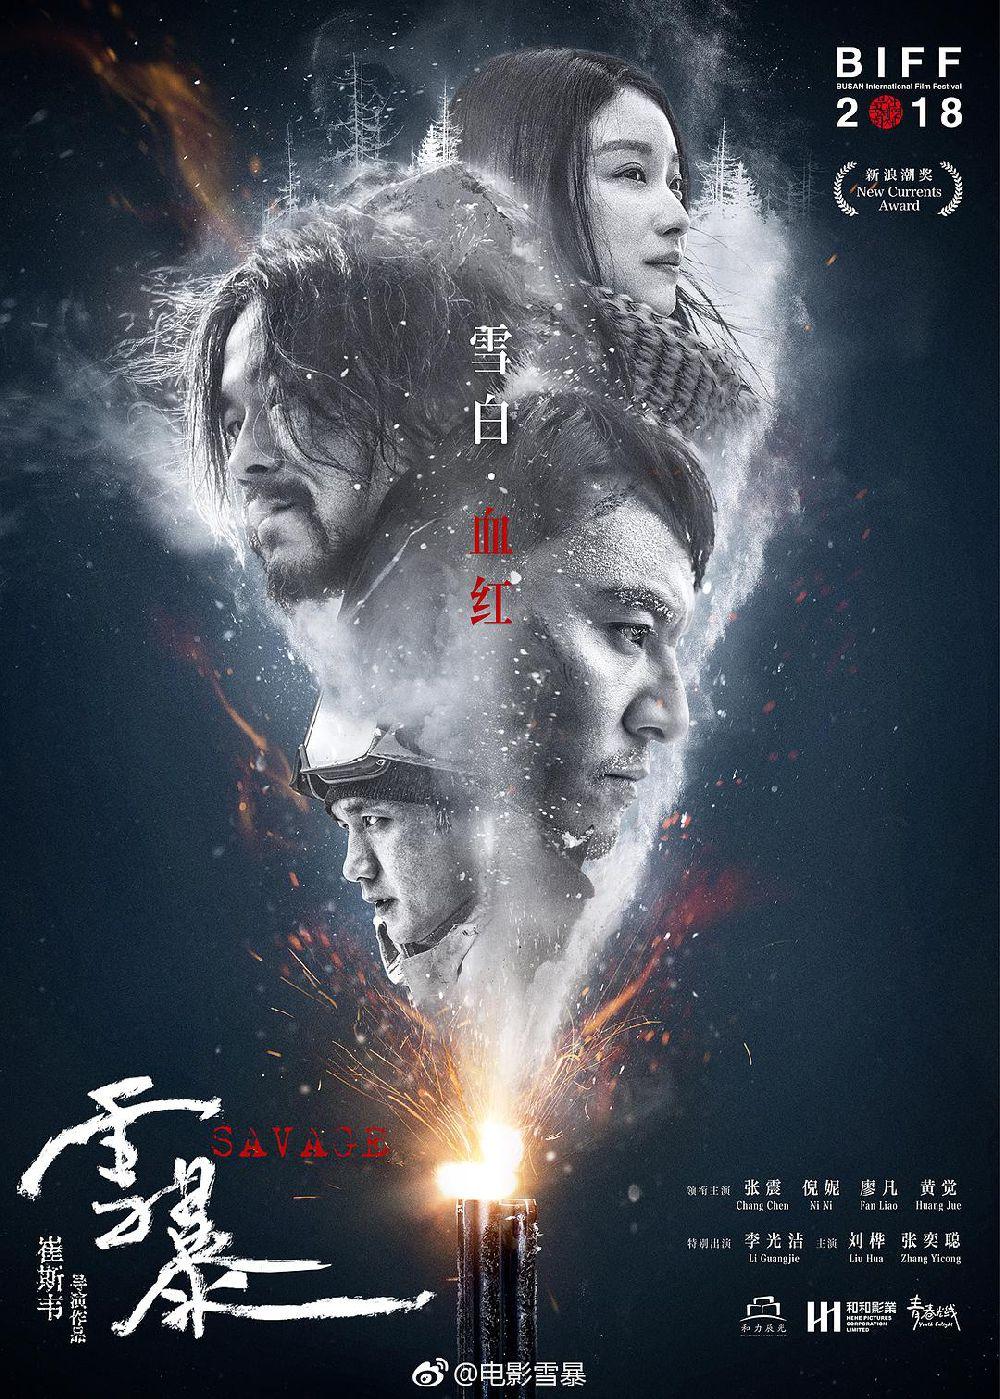 犯罪片《雪暴》4.26公映 张震倪妮廖凡主演